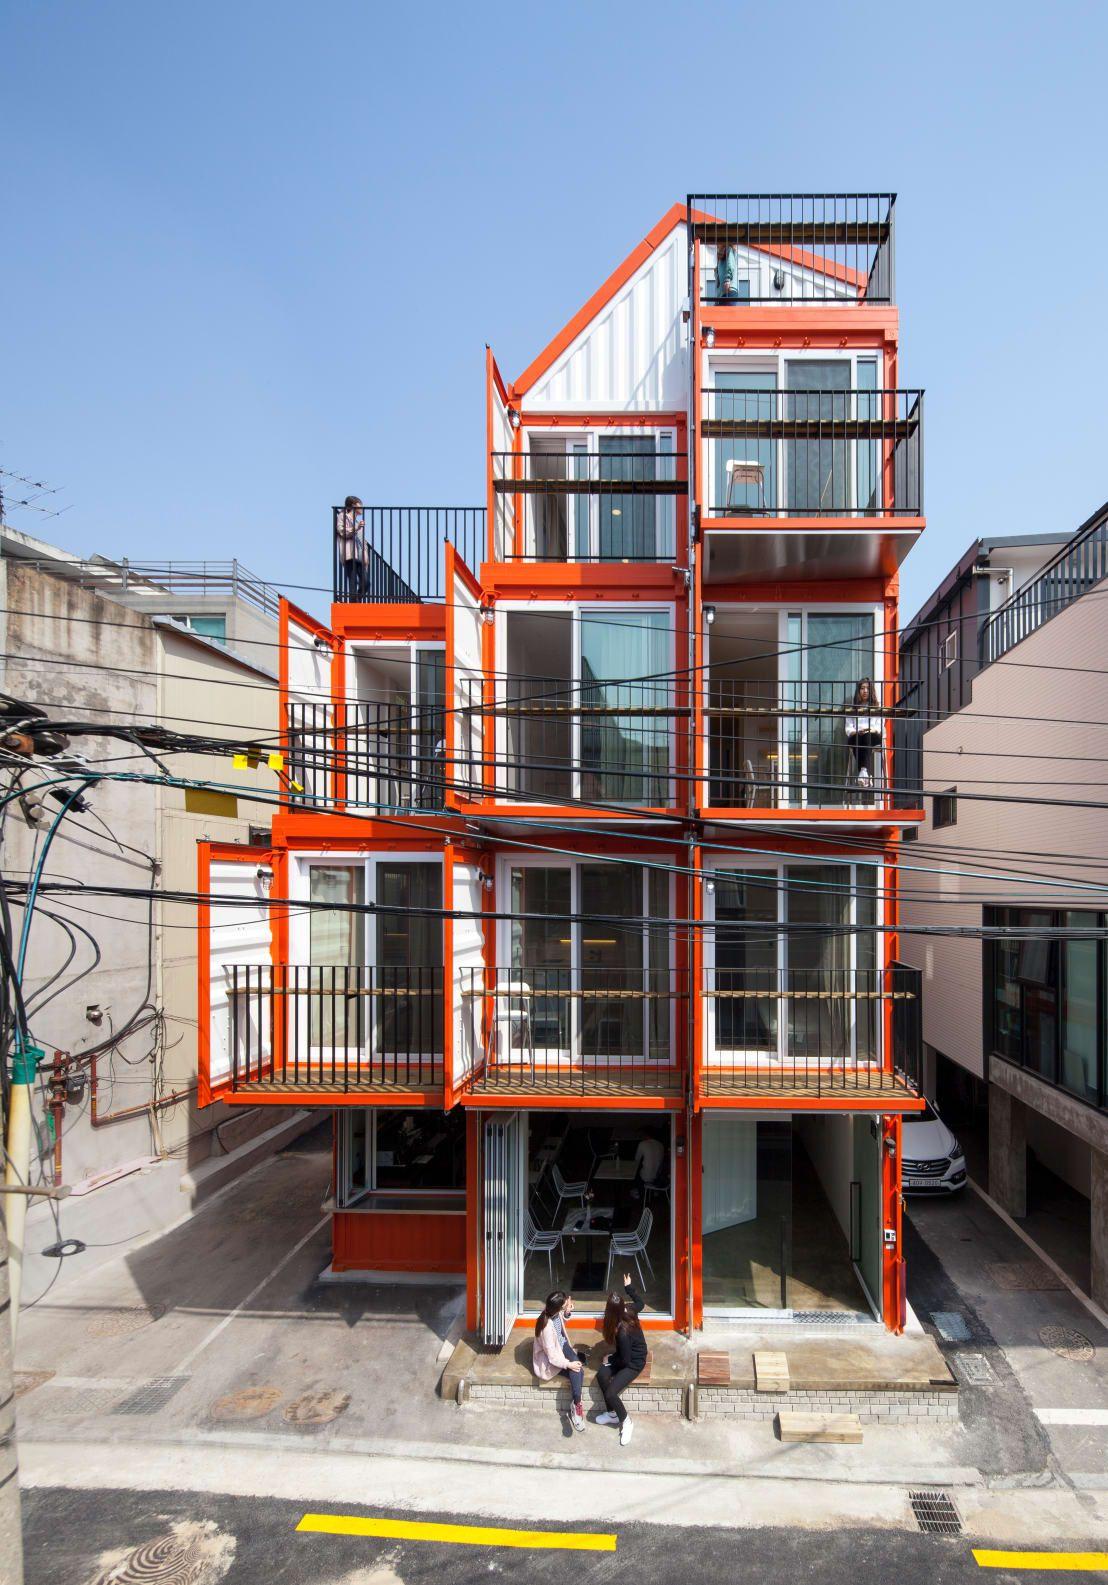 - Arquitectura contenedores maritimos ...